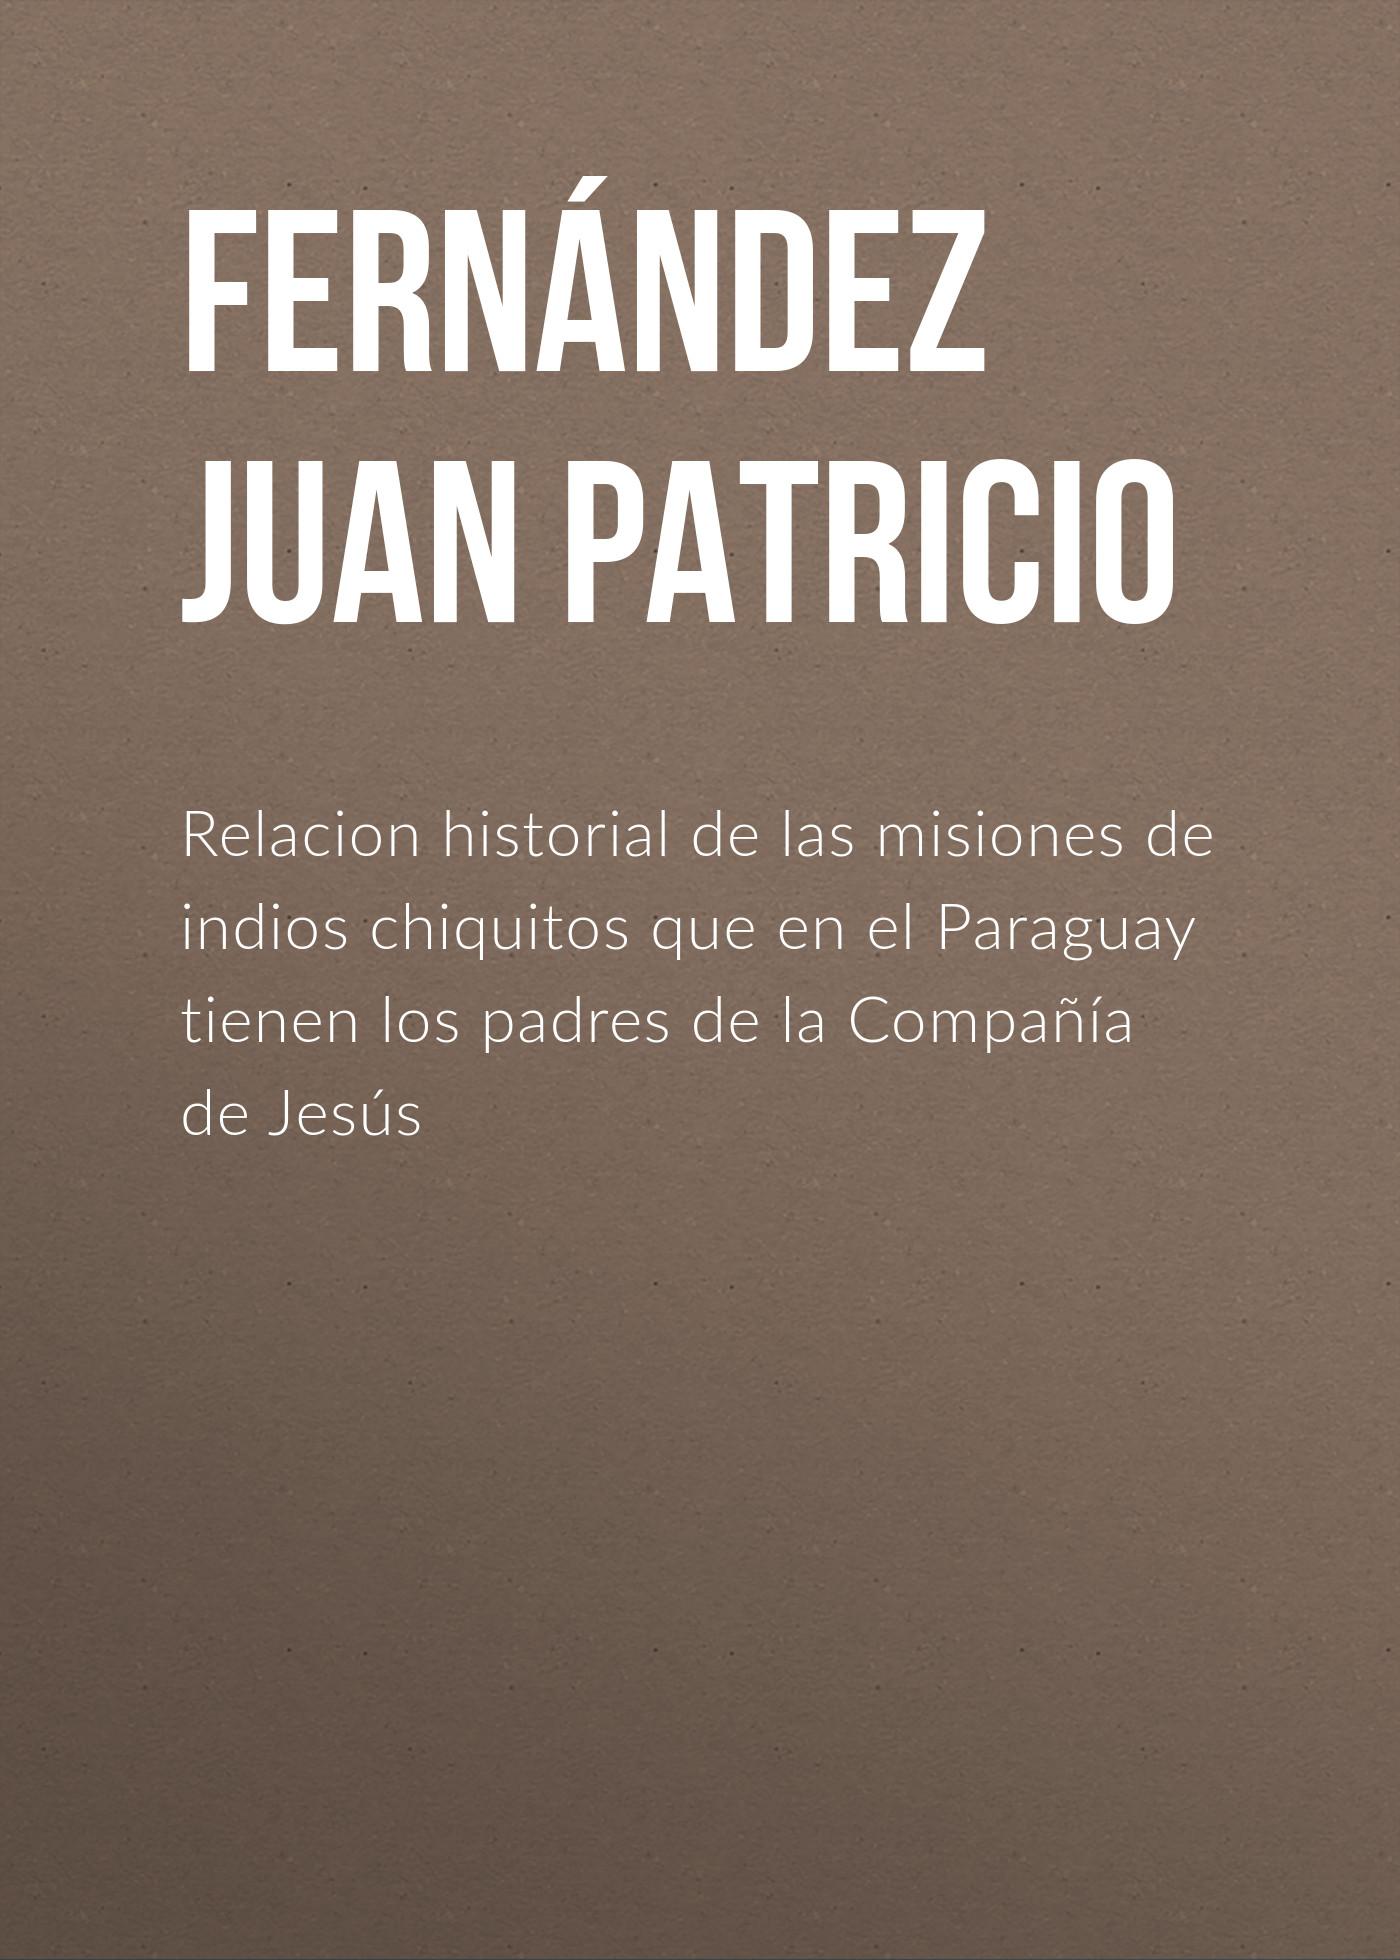 Fernández Juan Patricio Relacion historial de las misiones de indios chiquitos que en el Paraguay tienen los padres de la Compañía de Jesús